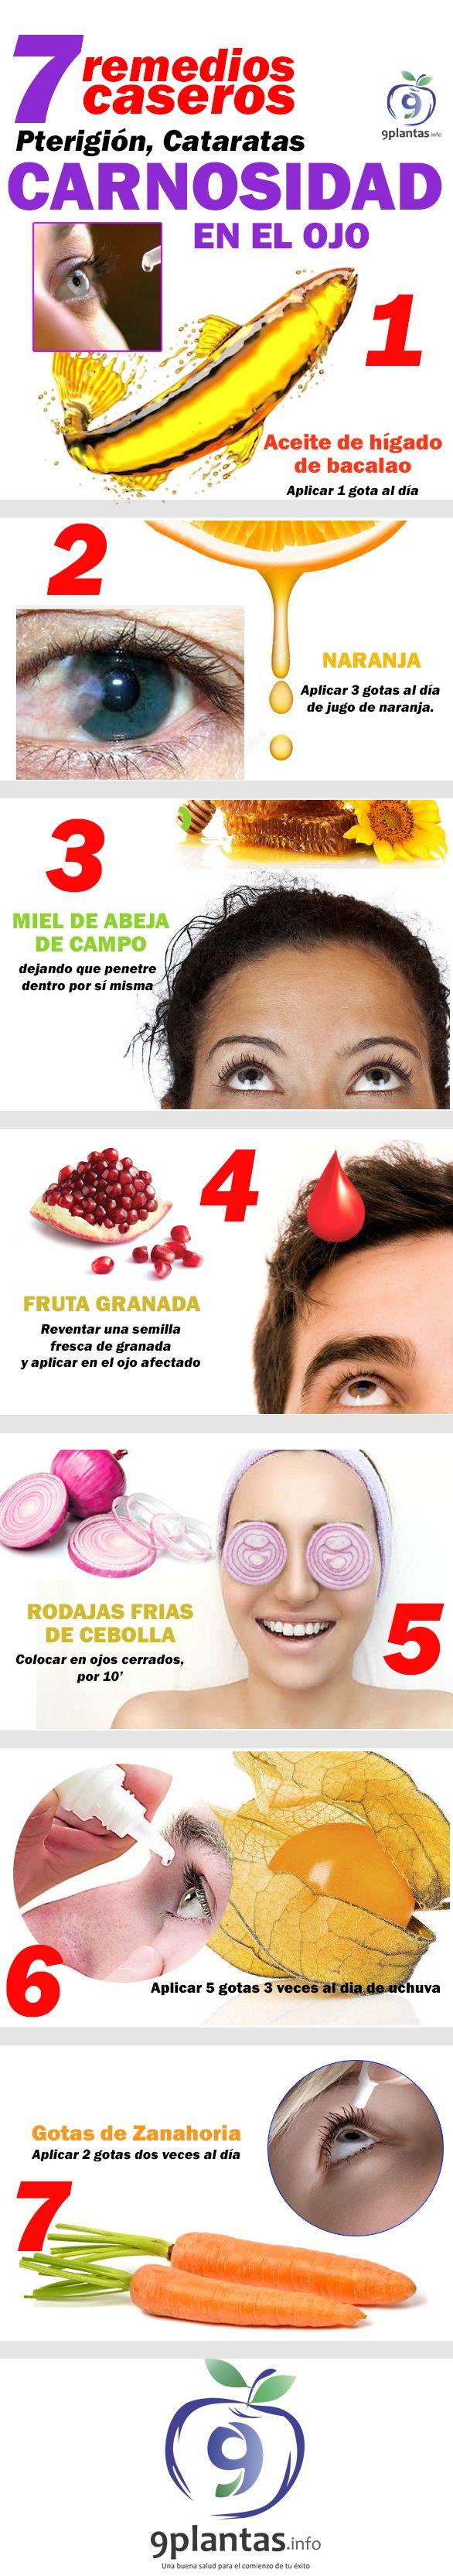 Los mejore 7 remedios caseros para combatir cataratas en los ojos